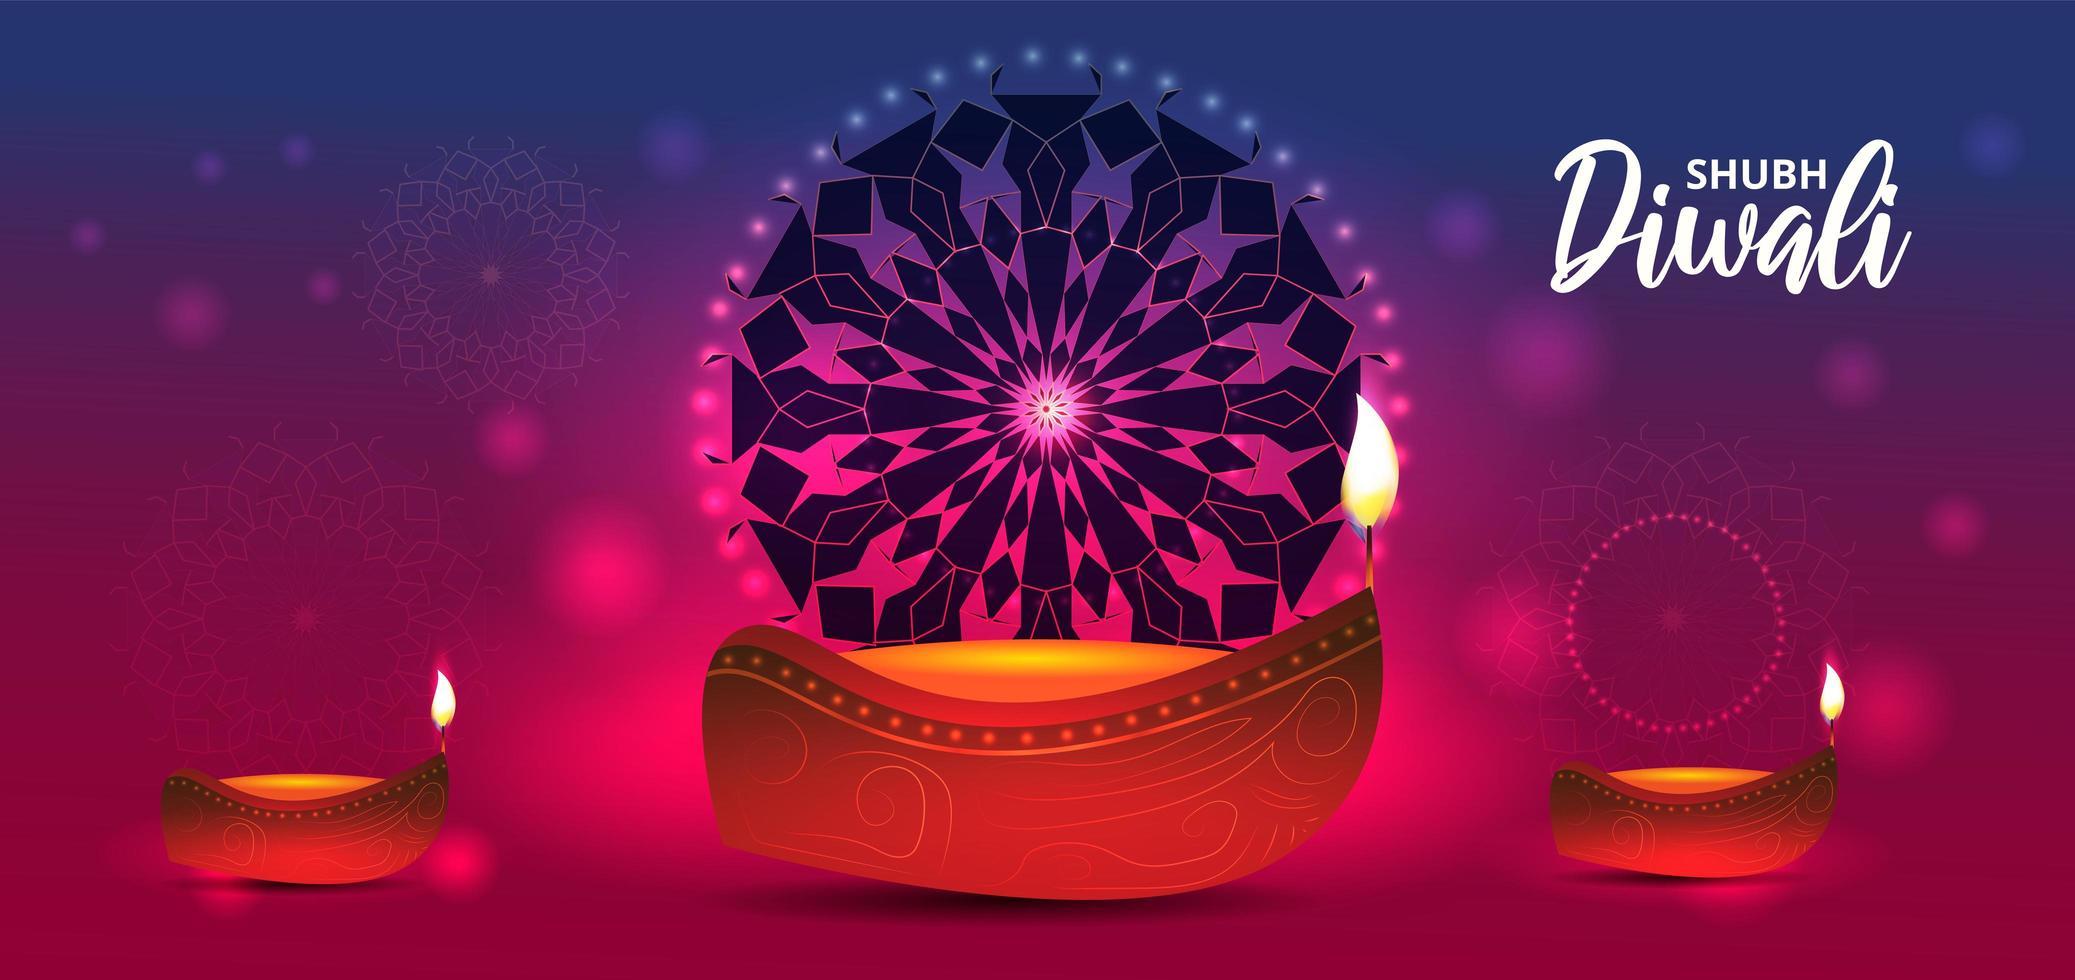 lampe à huile réaliste sur gradient pour la célébration du festival de diwali vecteur